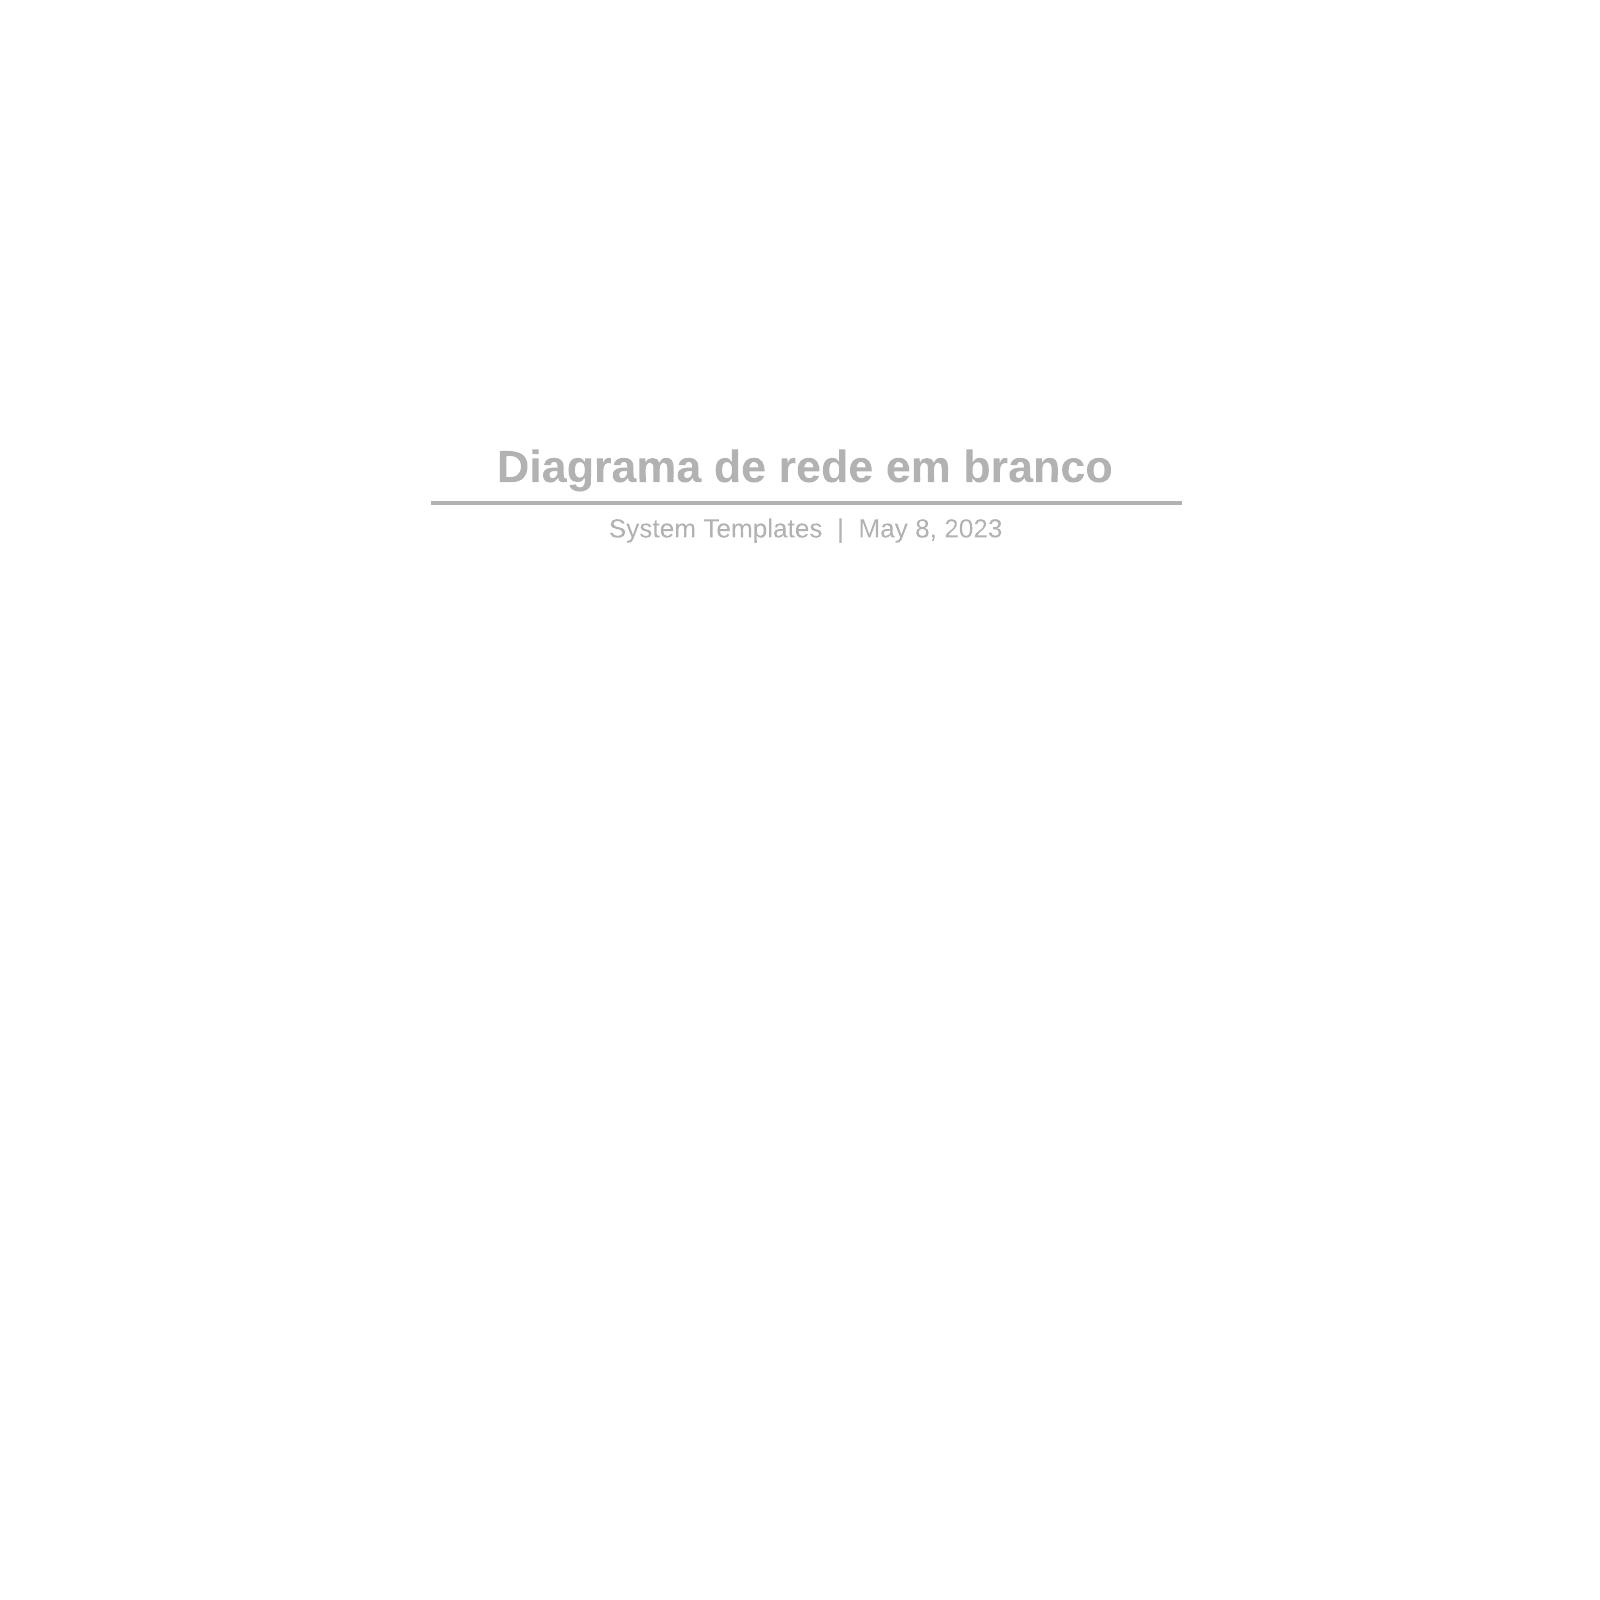 Diagrama de rede em branco